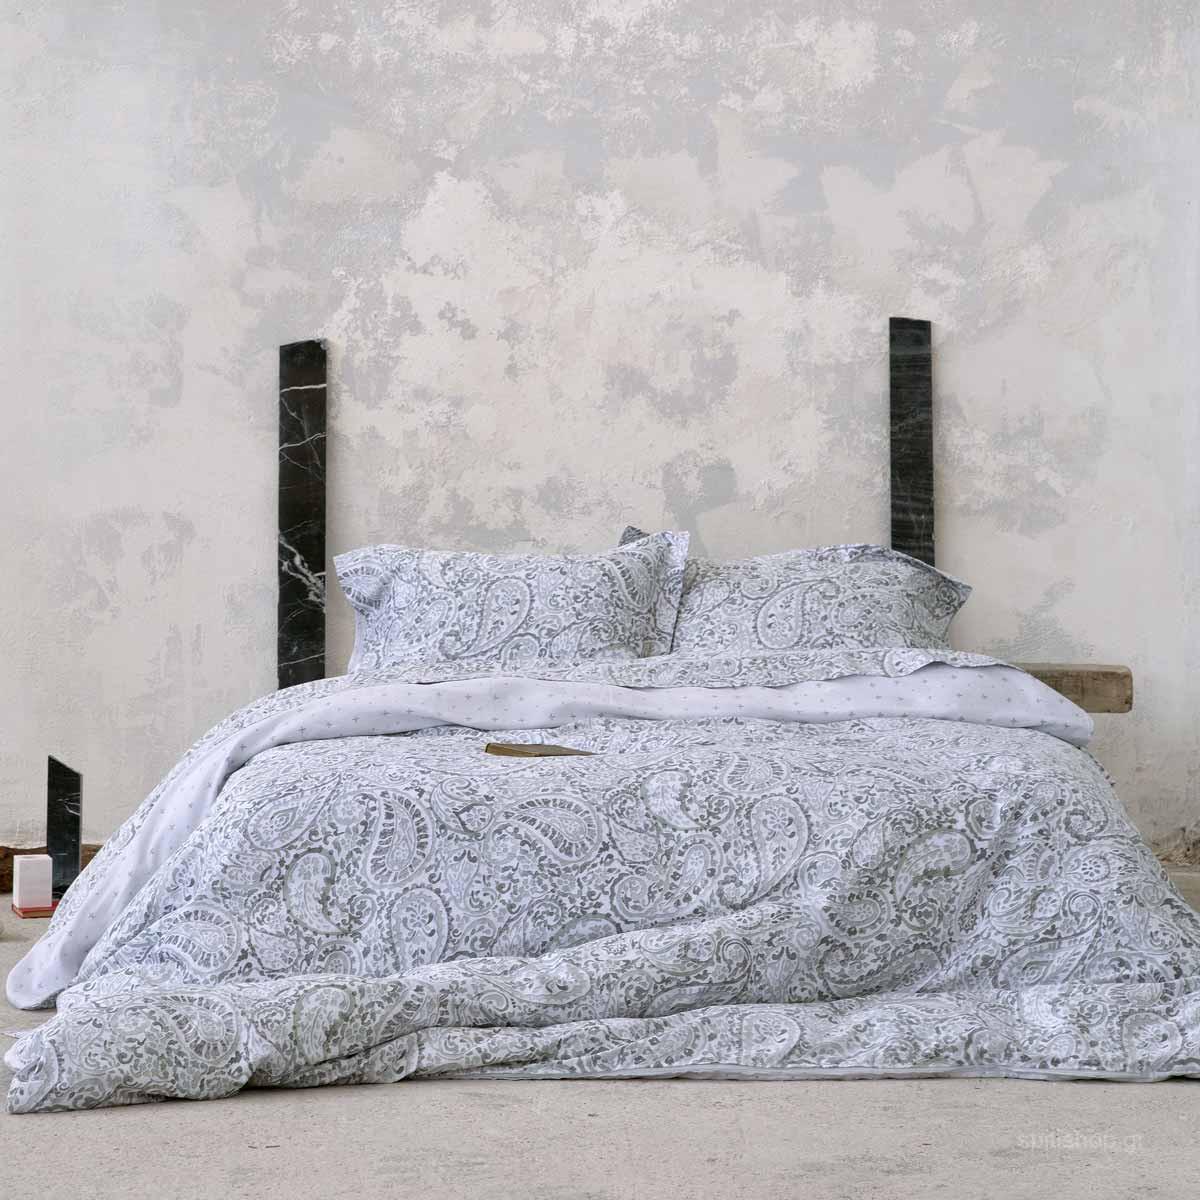 Σεντόνια King Size (Σετ) Nima Bed Linen Giacomo Grey ΧΩΡΙΣ ΛΑΣΤΙΧΟ 270×280 ΧΩΡΙΣ ΛΑΣΤΙΧΟ 270×280